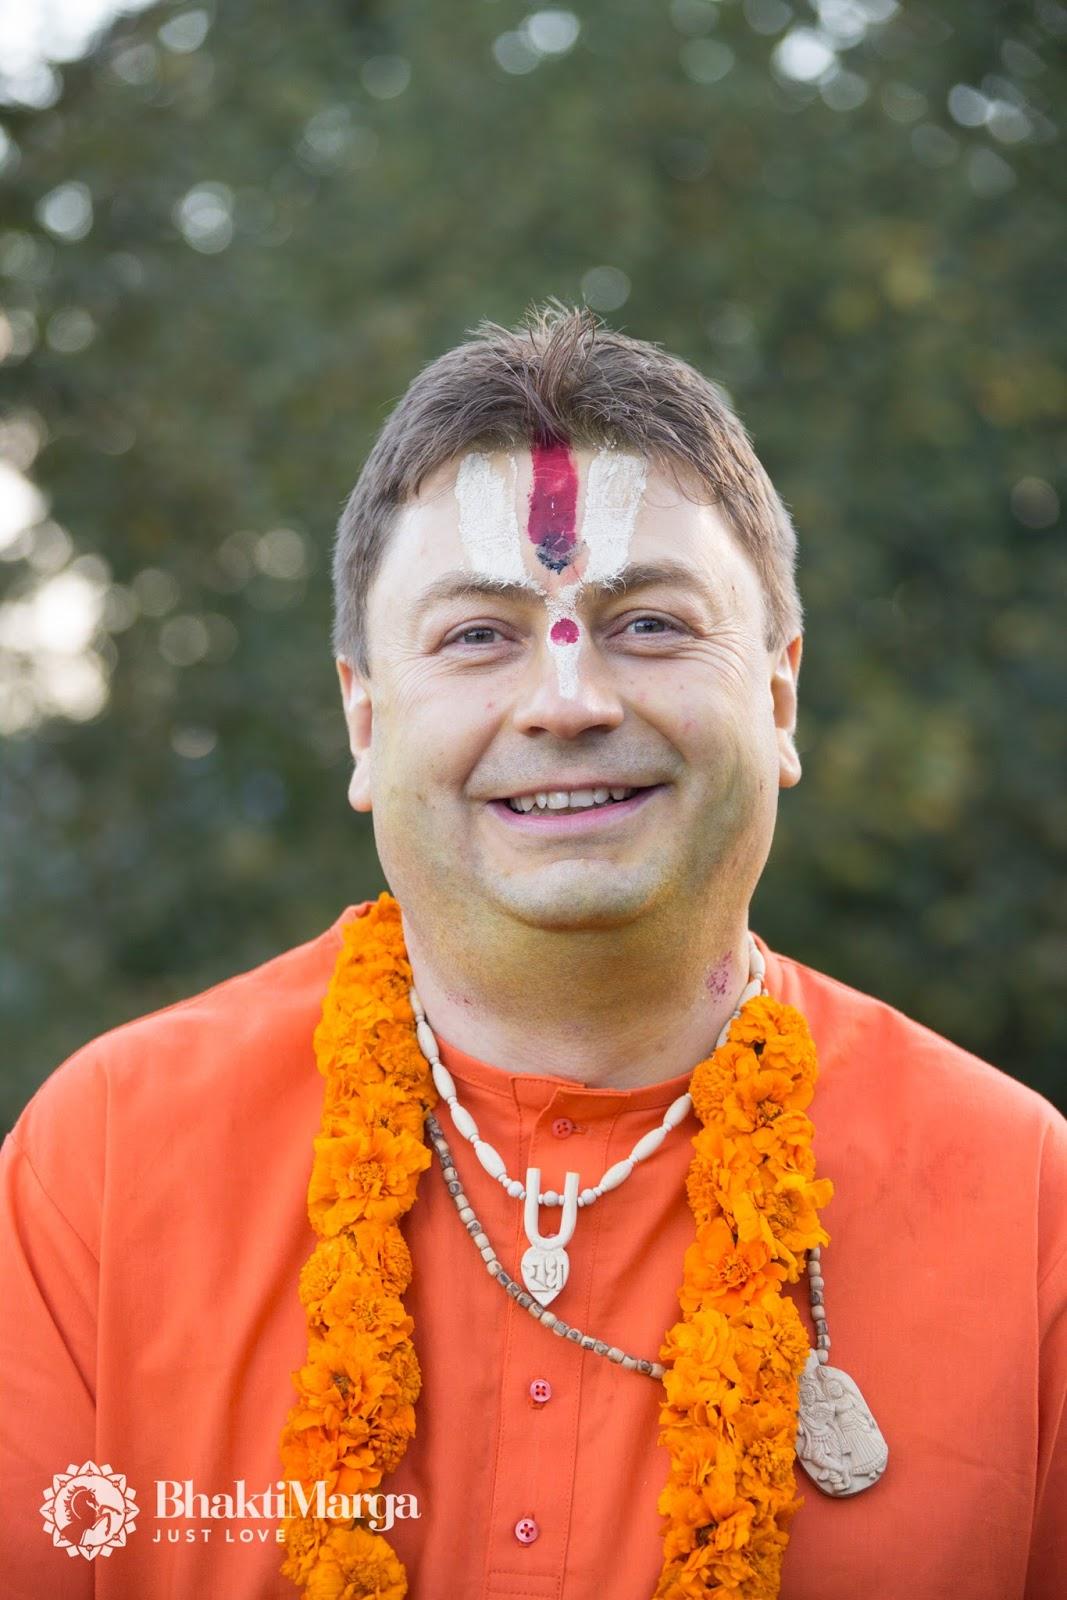 Paramahamsa Sri Swami Vishwananda / Bhakti Marga: The New